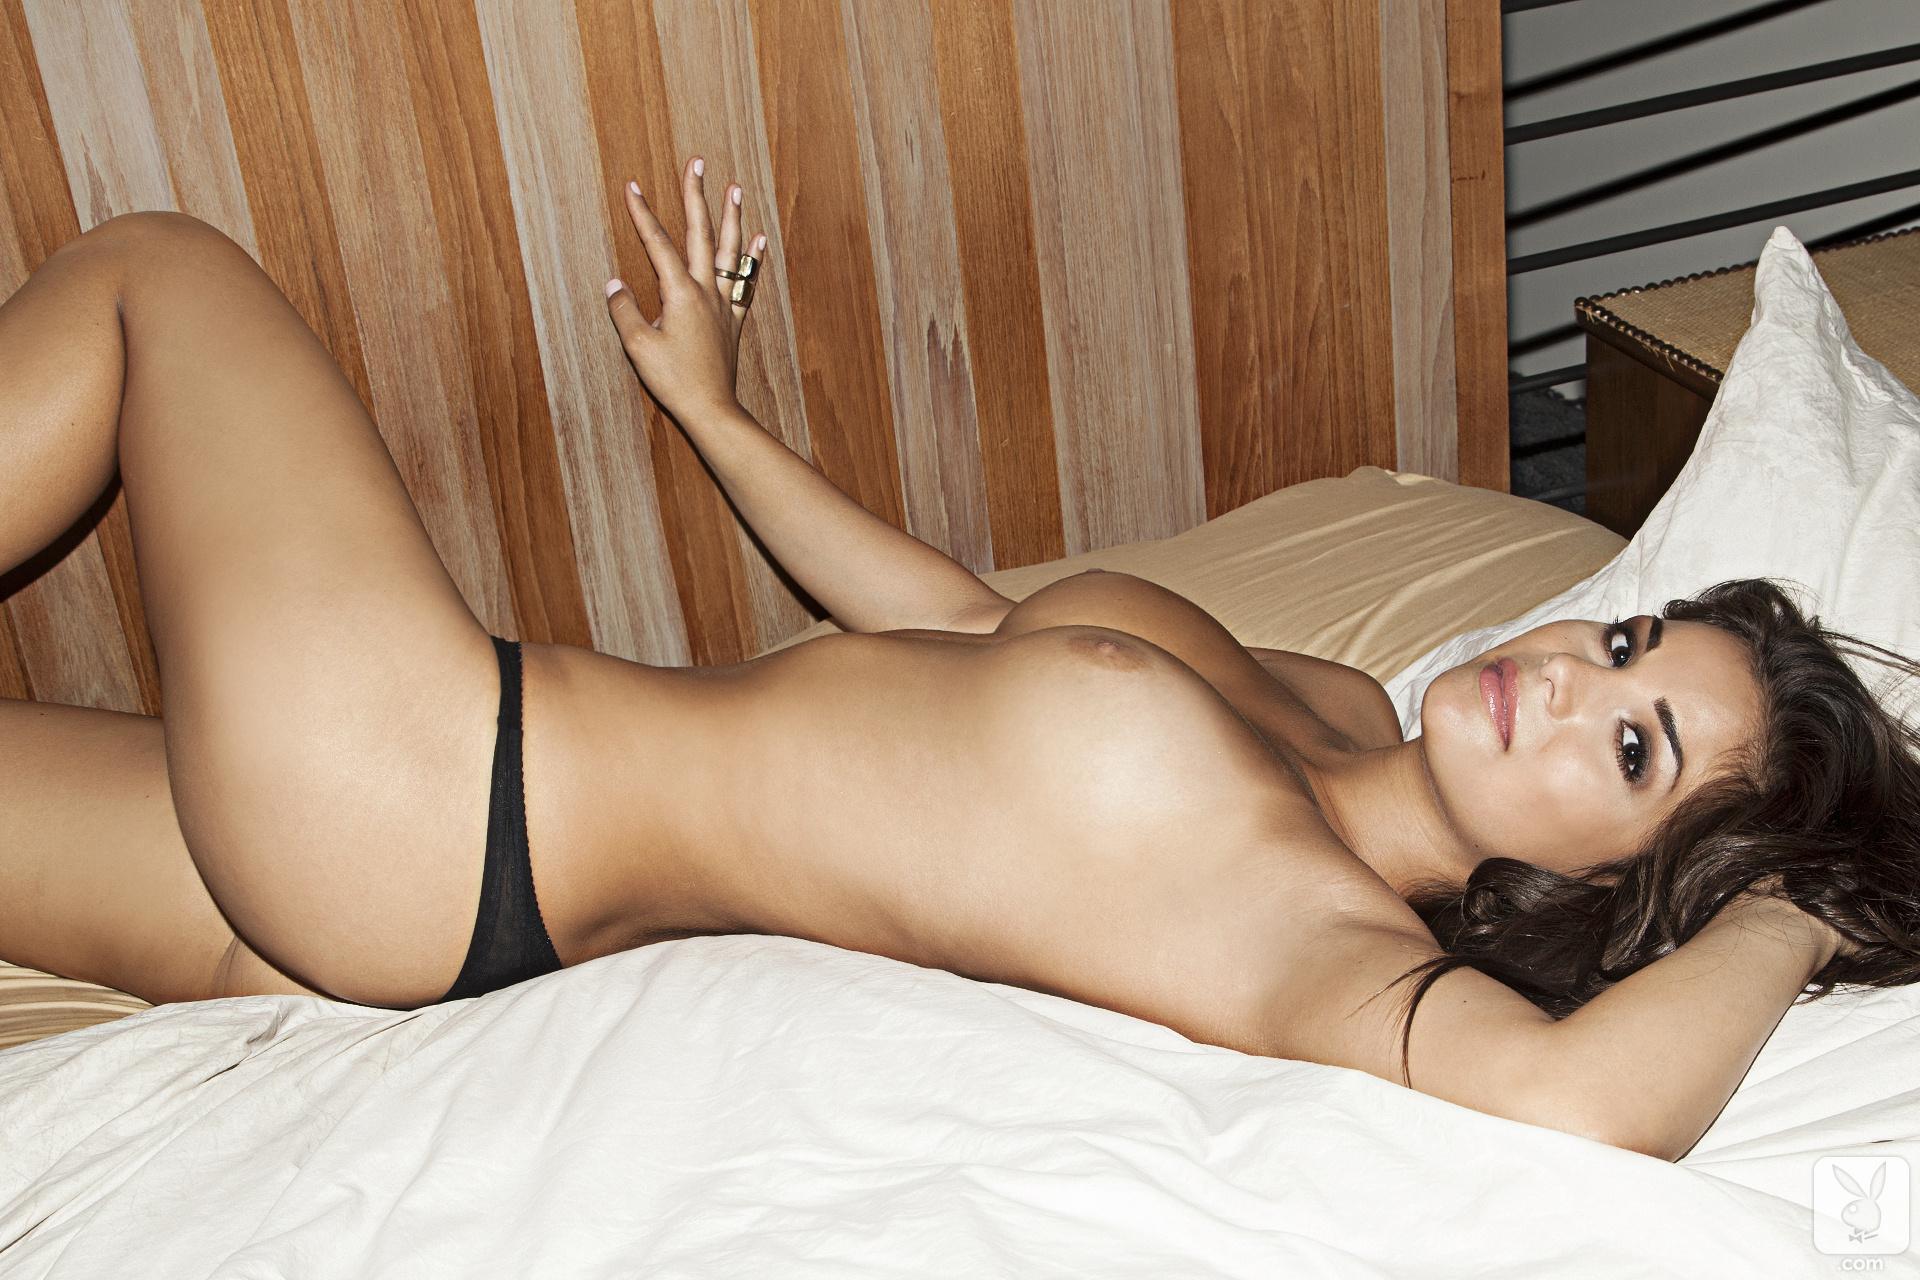 Фото стройных сексуальных женщин 9 фотография